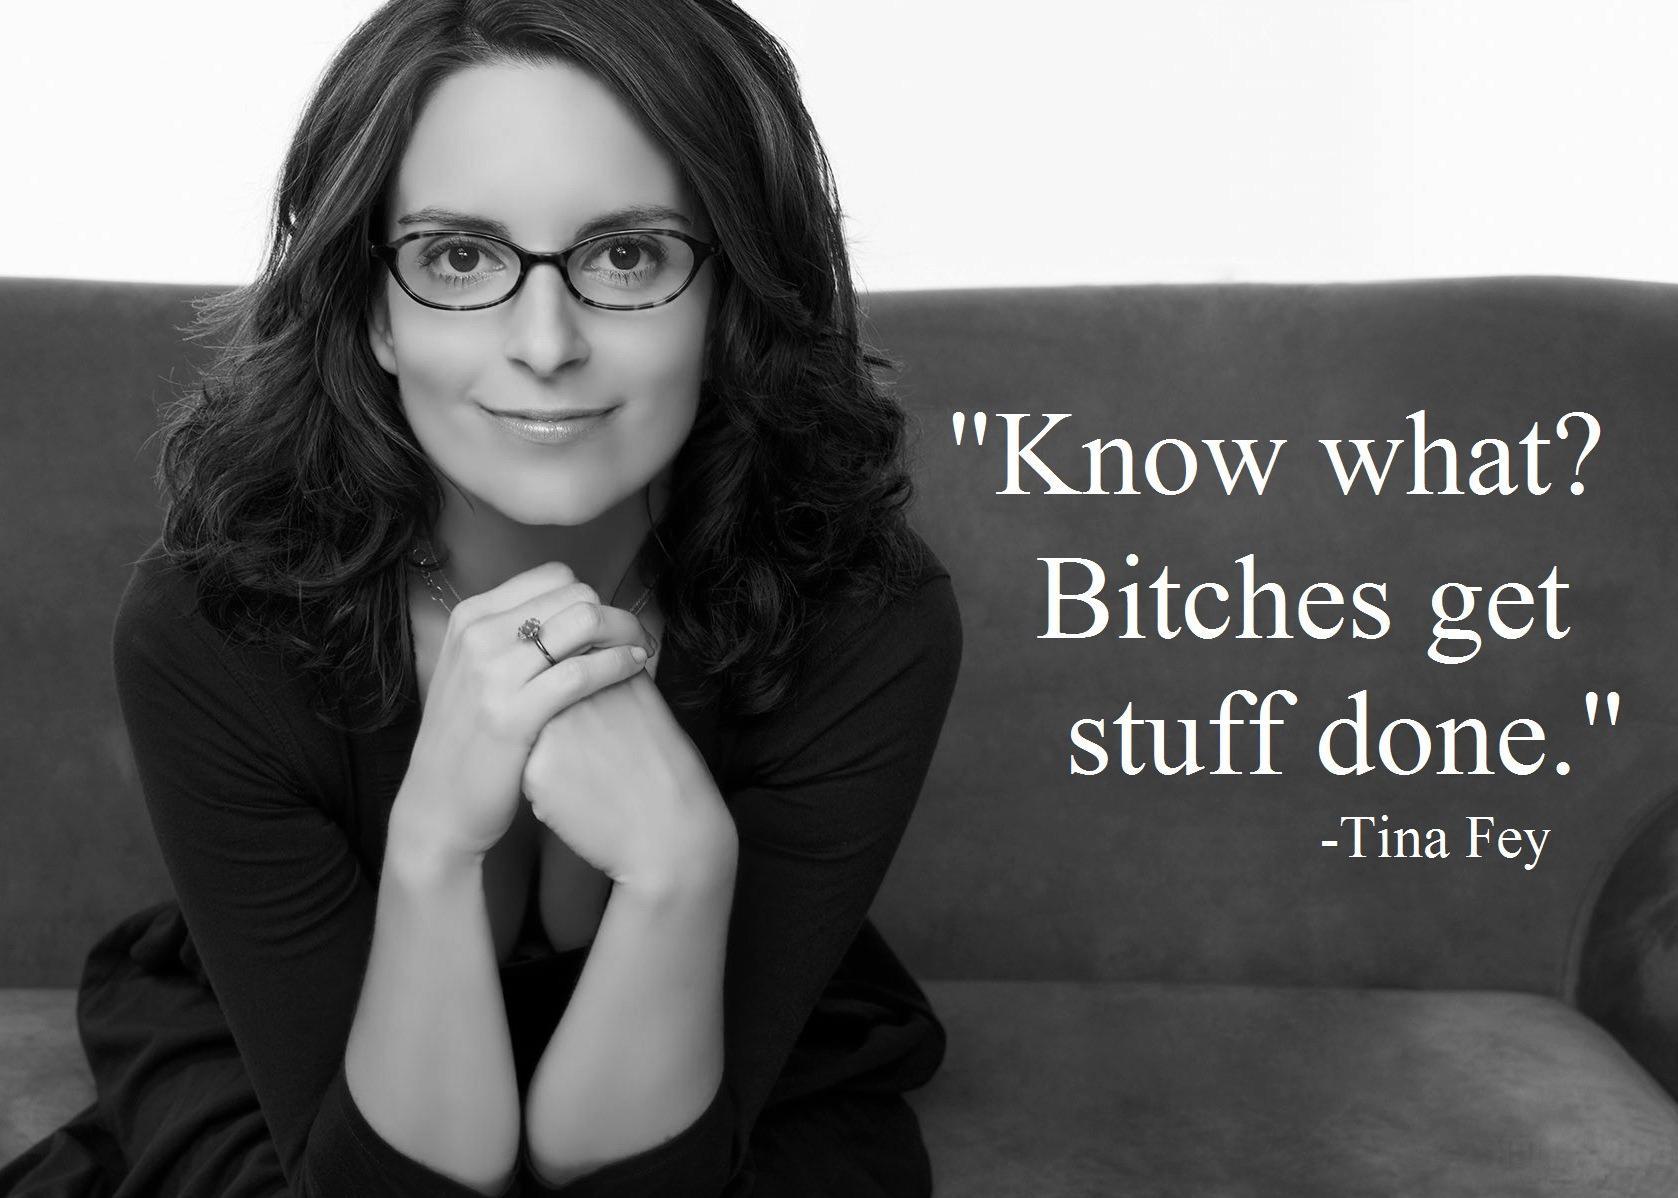 Tina Fey's quote #2